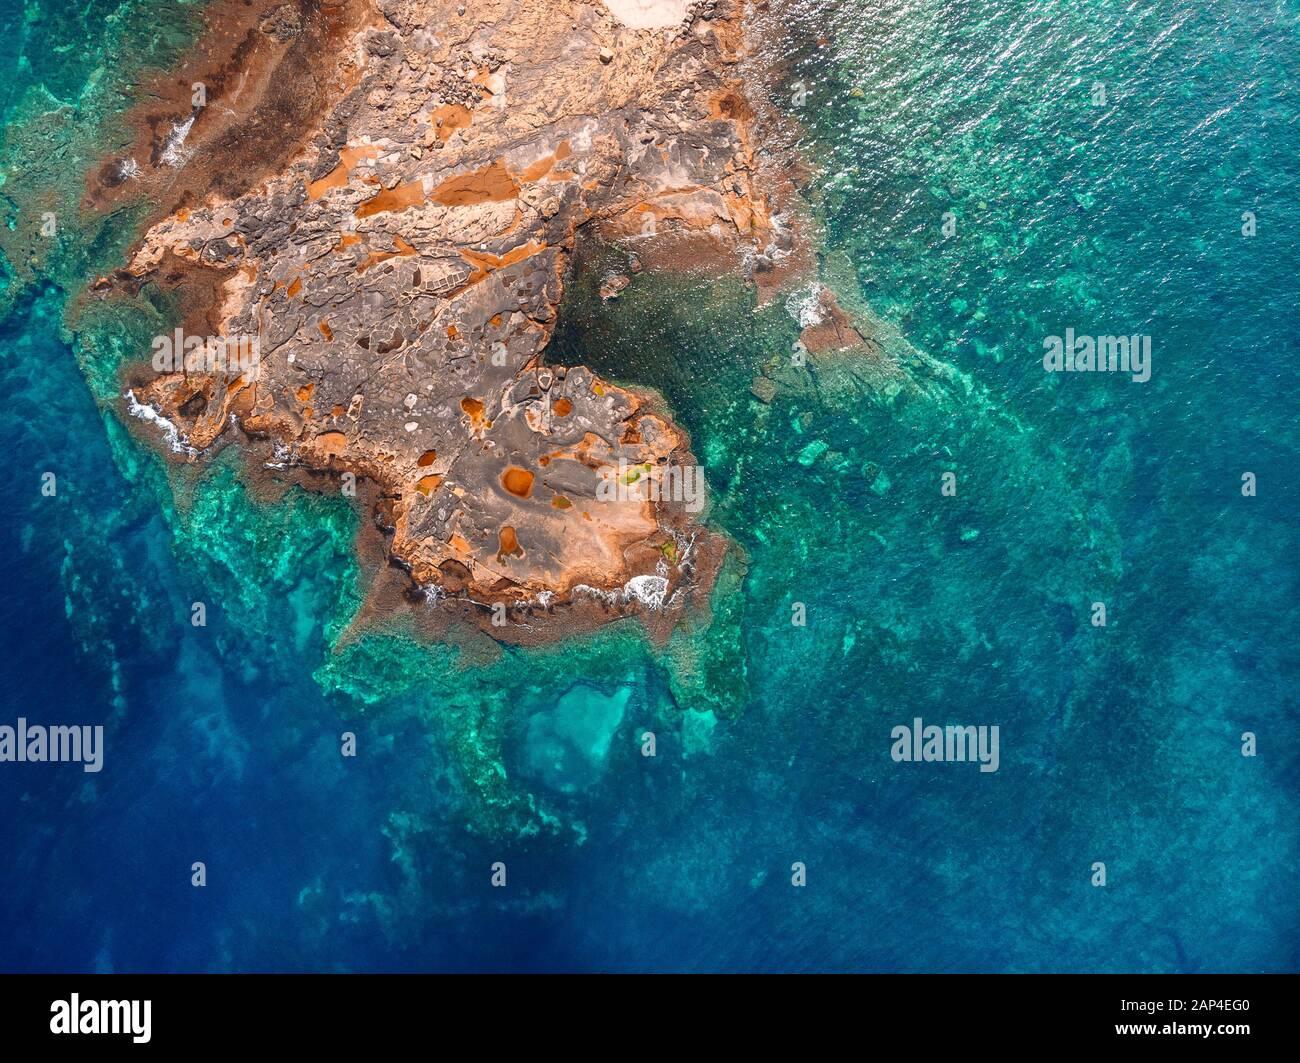 El agua clara de Azure llega a la costa rocosa de la playa de coral. Vista superior aérea Foto de stock